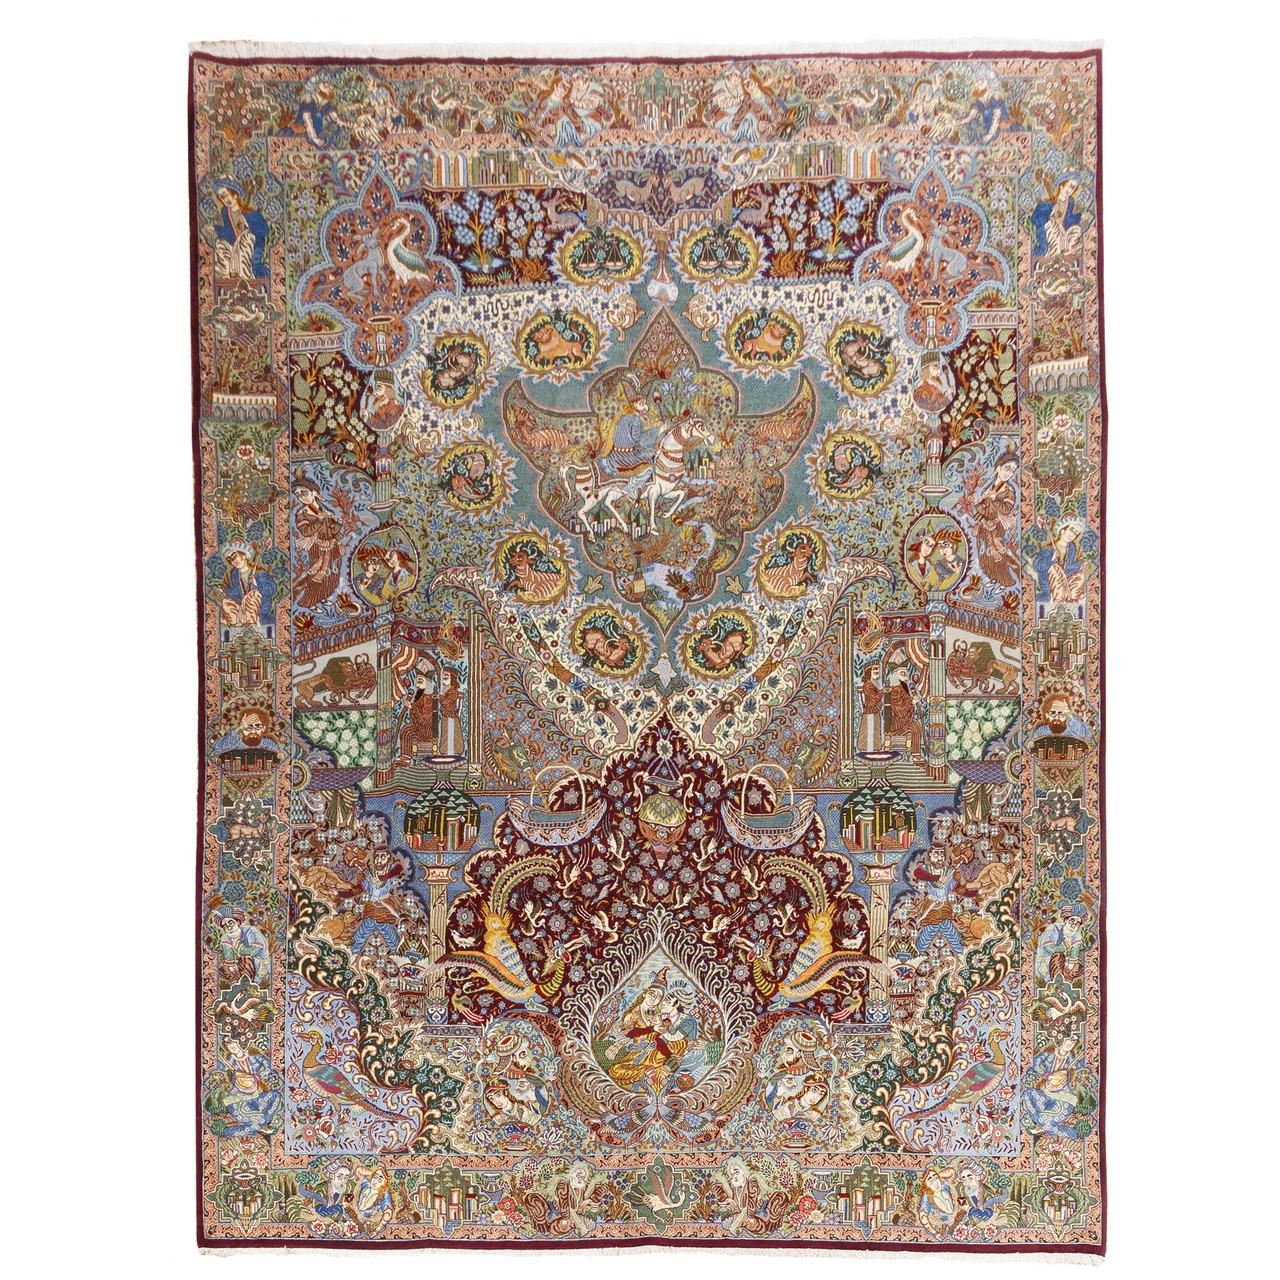 فرش دستبافت قدیمی یازده و نیم متری سی پرشیا کد 174523